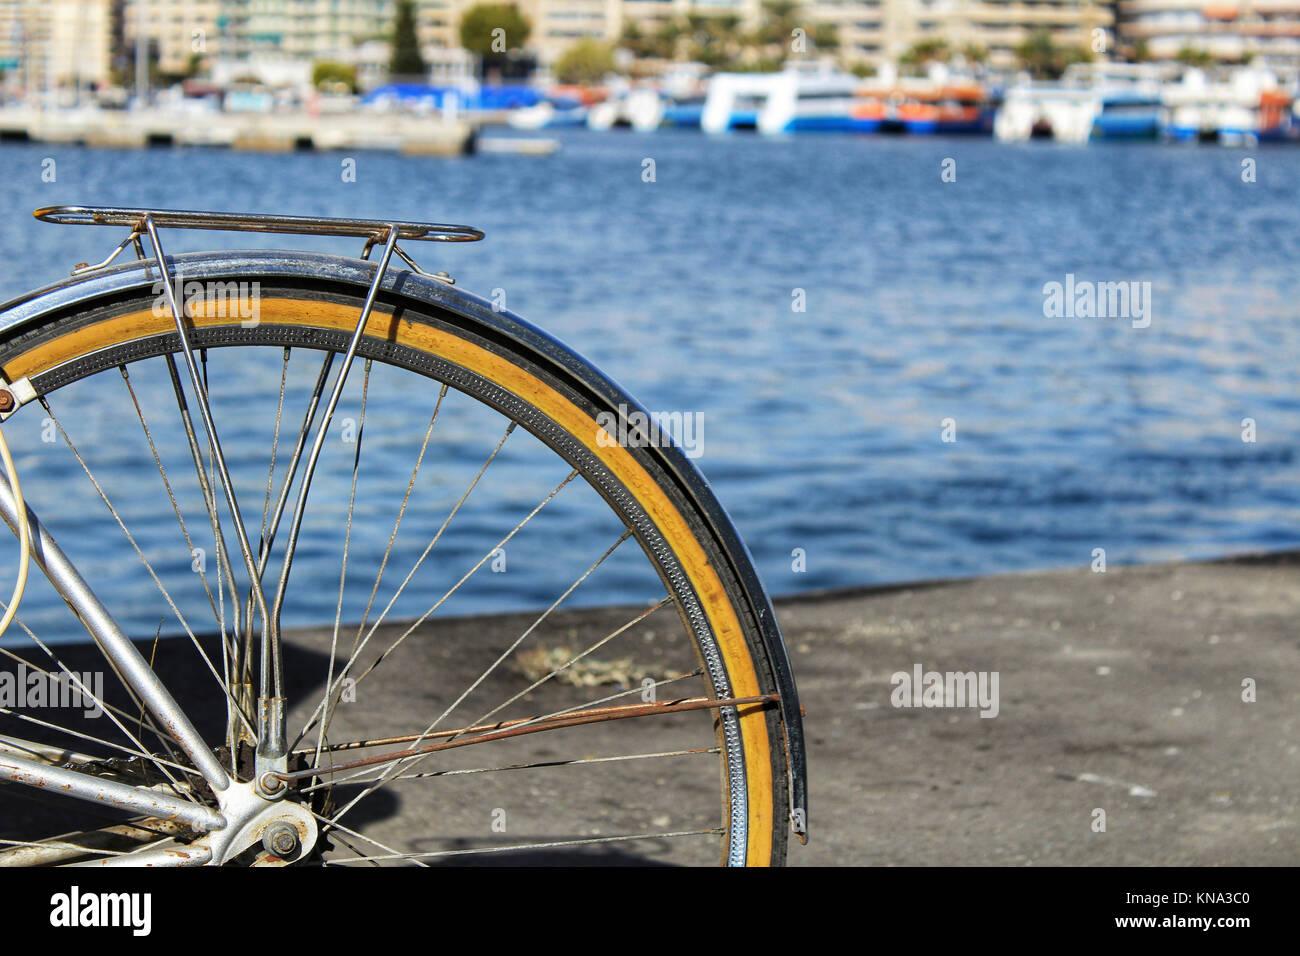 Vintage Bicicletta Per Il Mare In Spagna Foto Immagine Stock